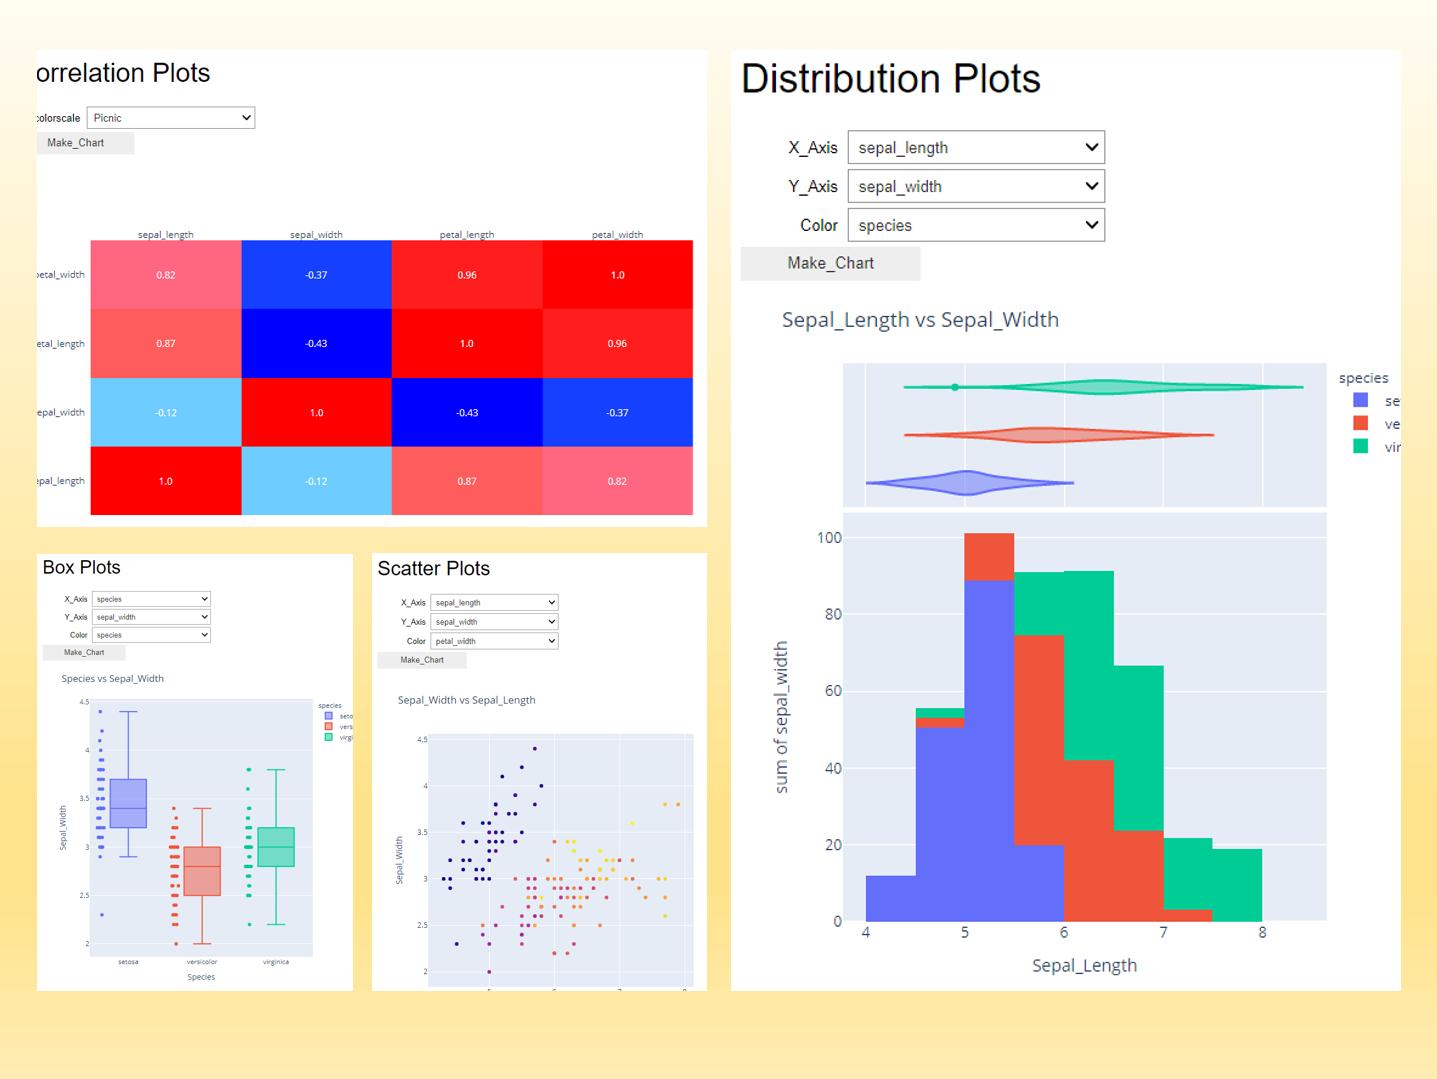 Python Pywedge を使ったお手軽データビジュアライゼーション(データの可視化)